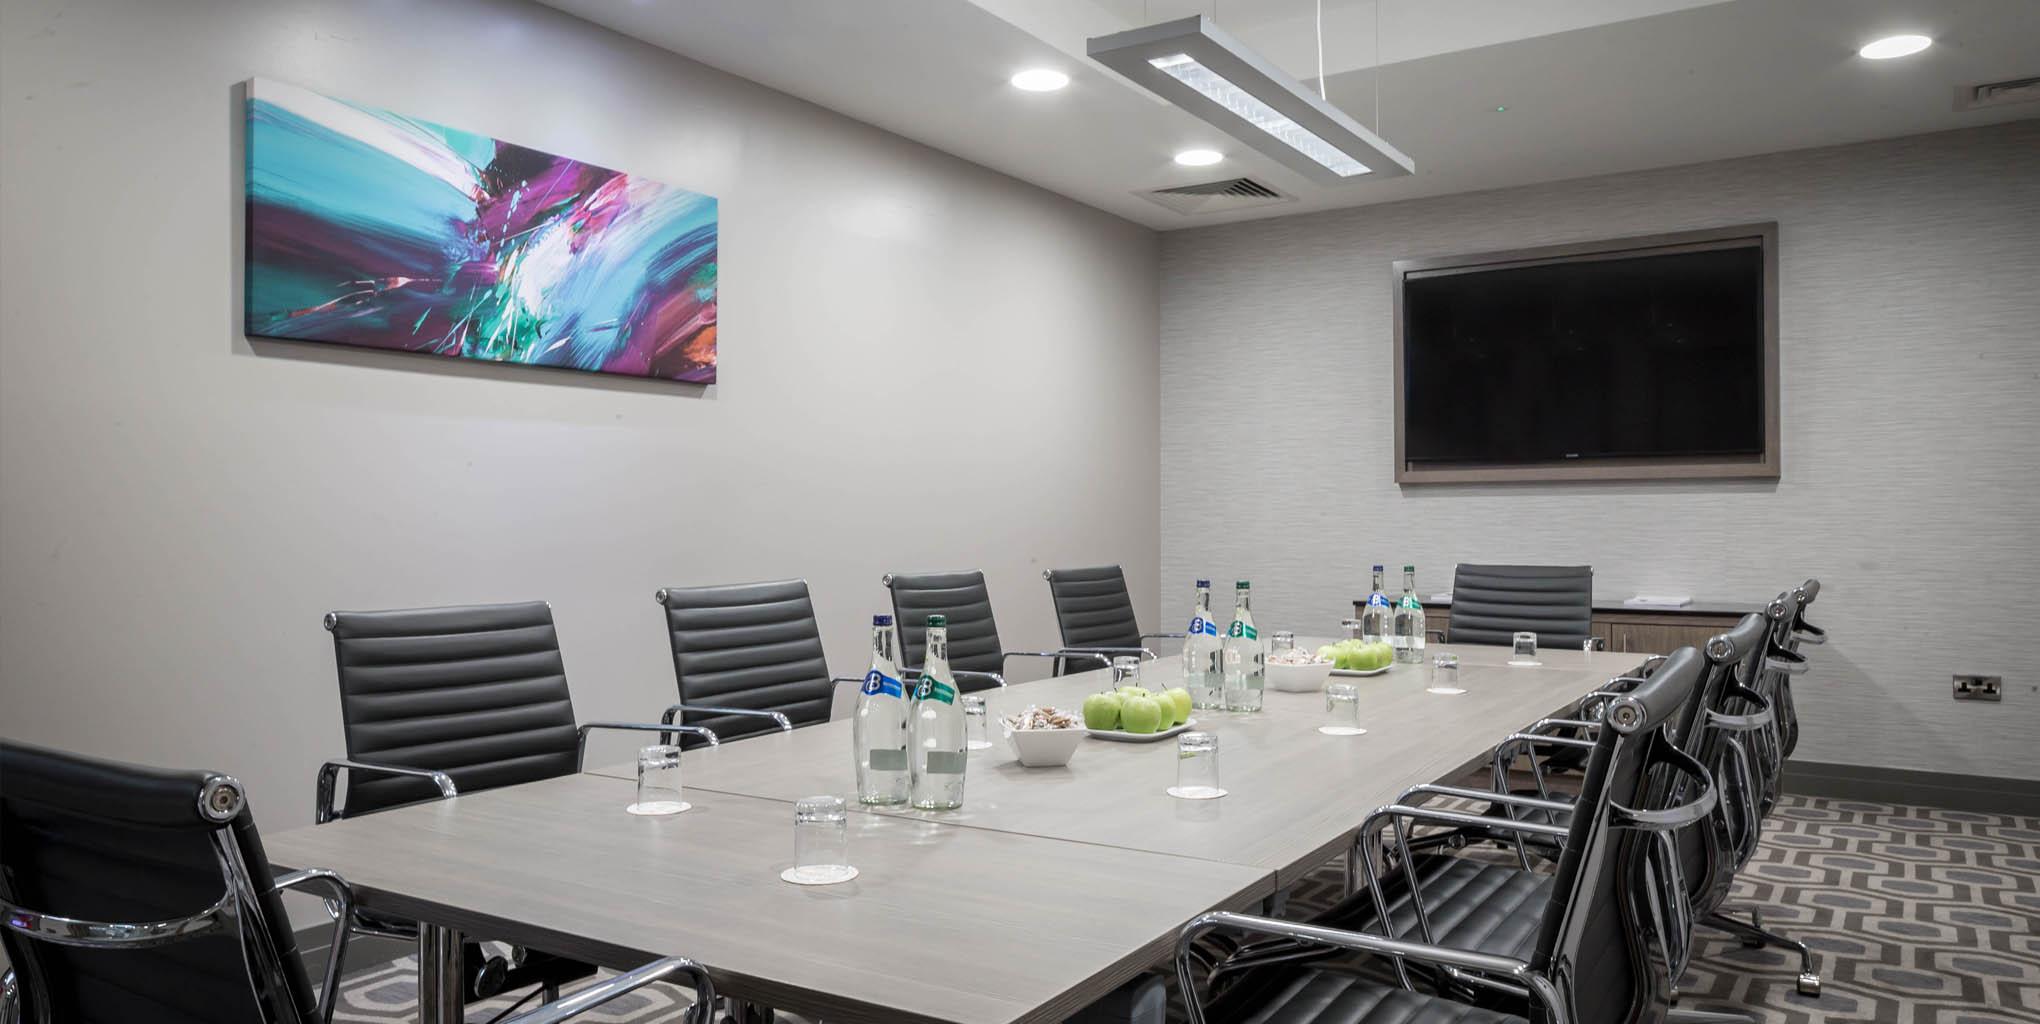 M.Sandy Road meeting room